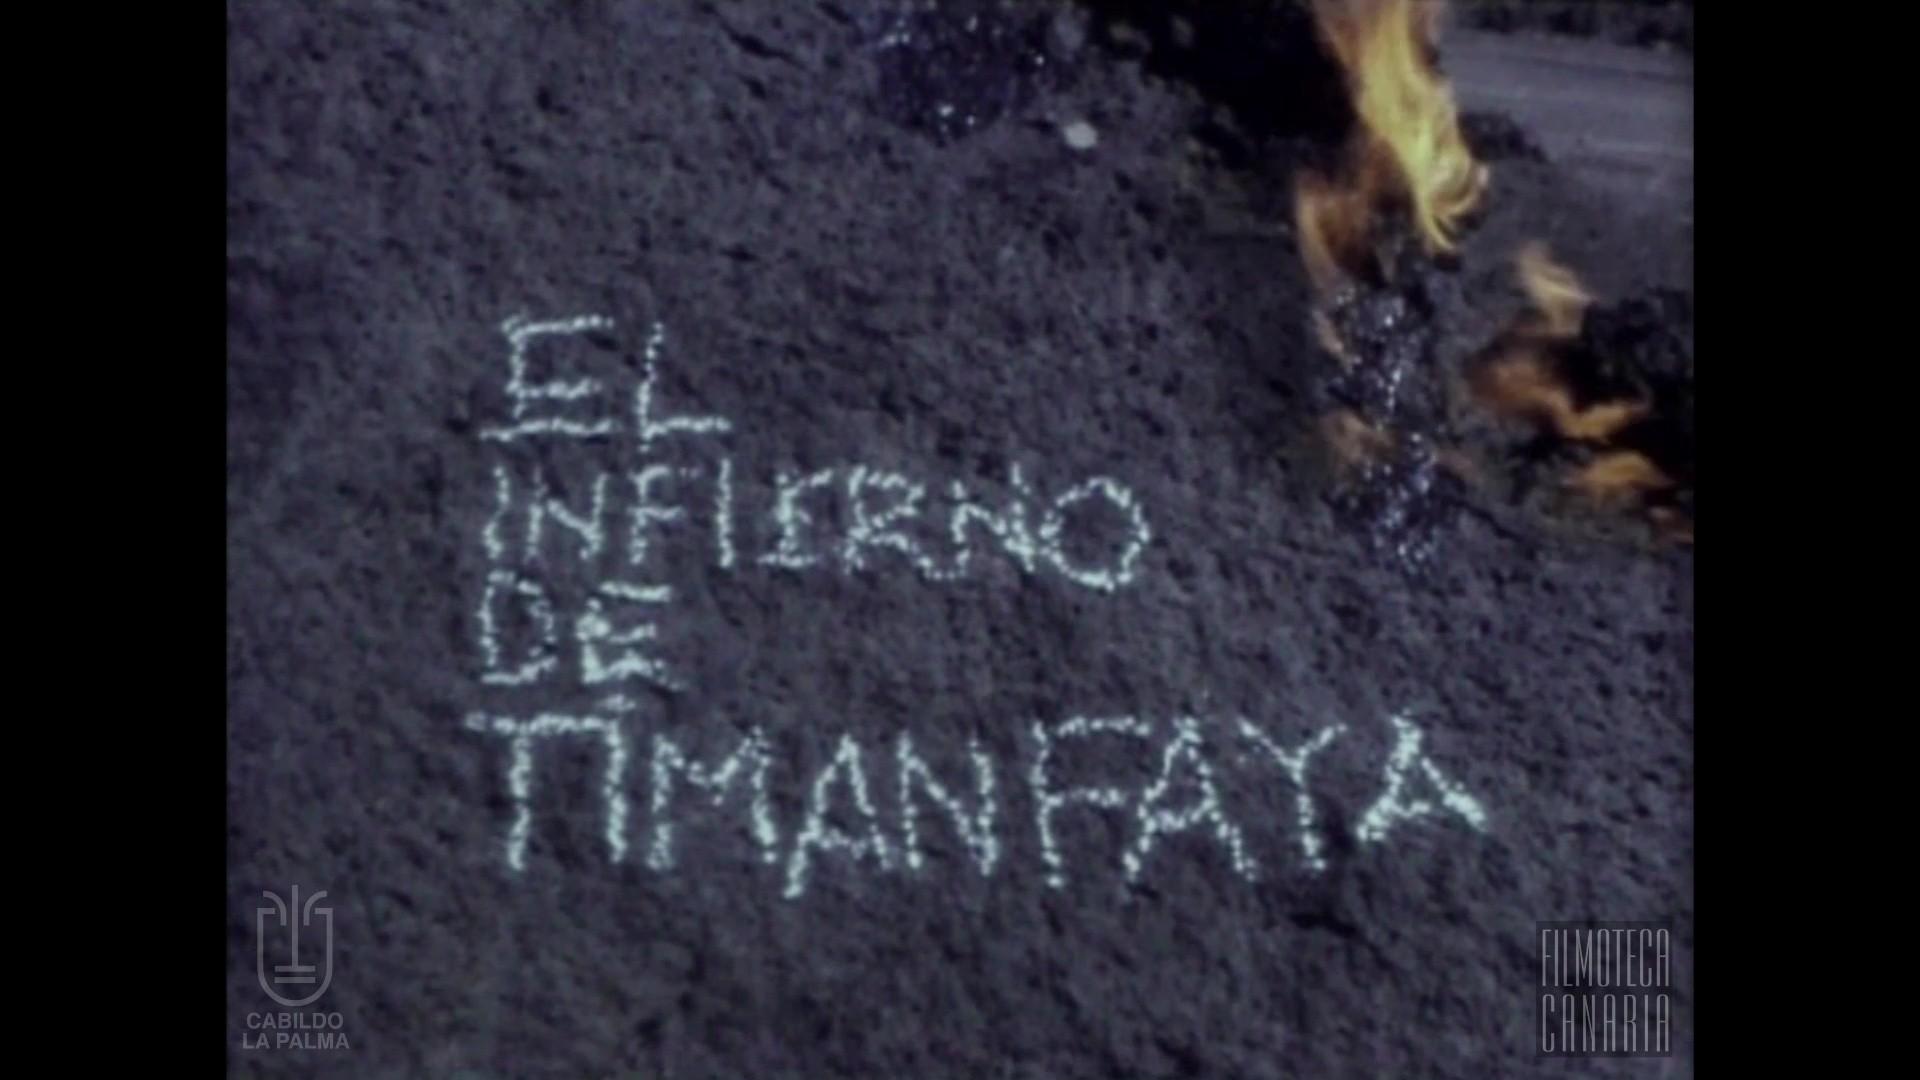 El infierno de Timanfaya (1975)